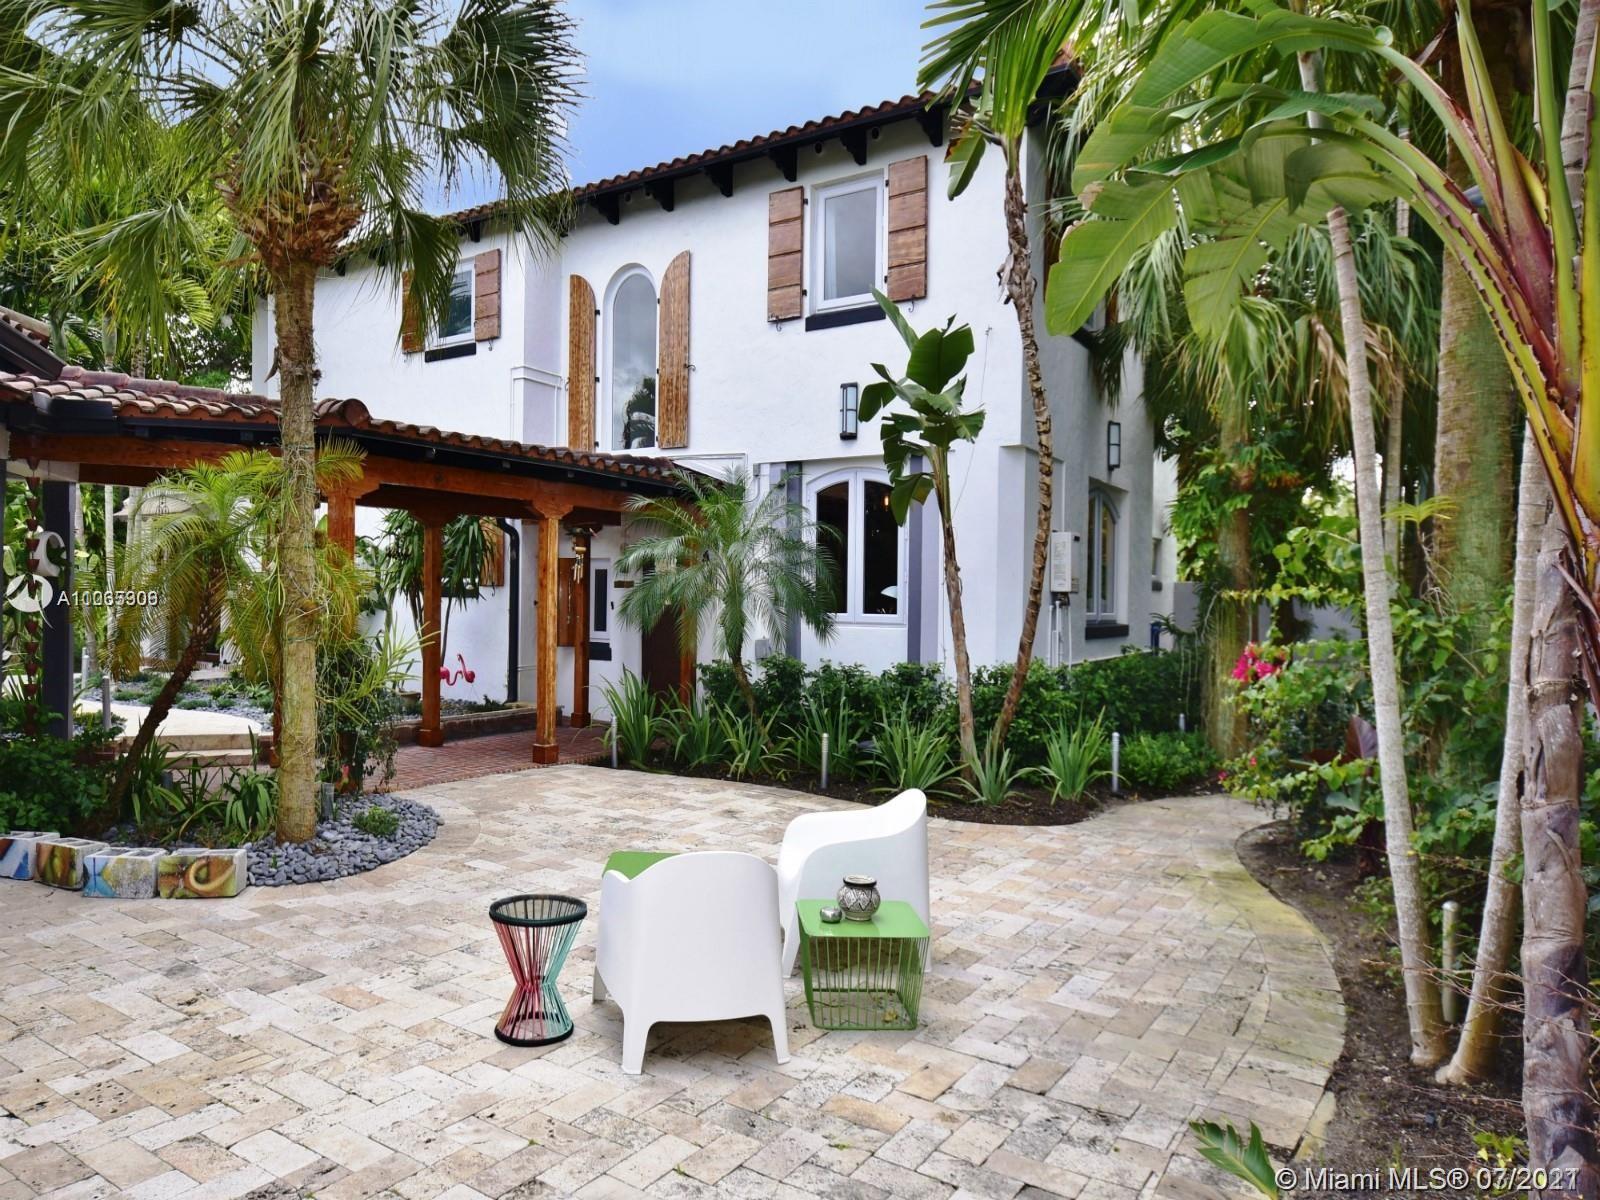 Miami Shores - 893 NE 96th St, Miami Shores, FL 33138